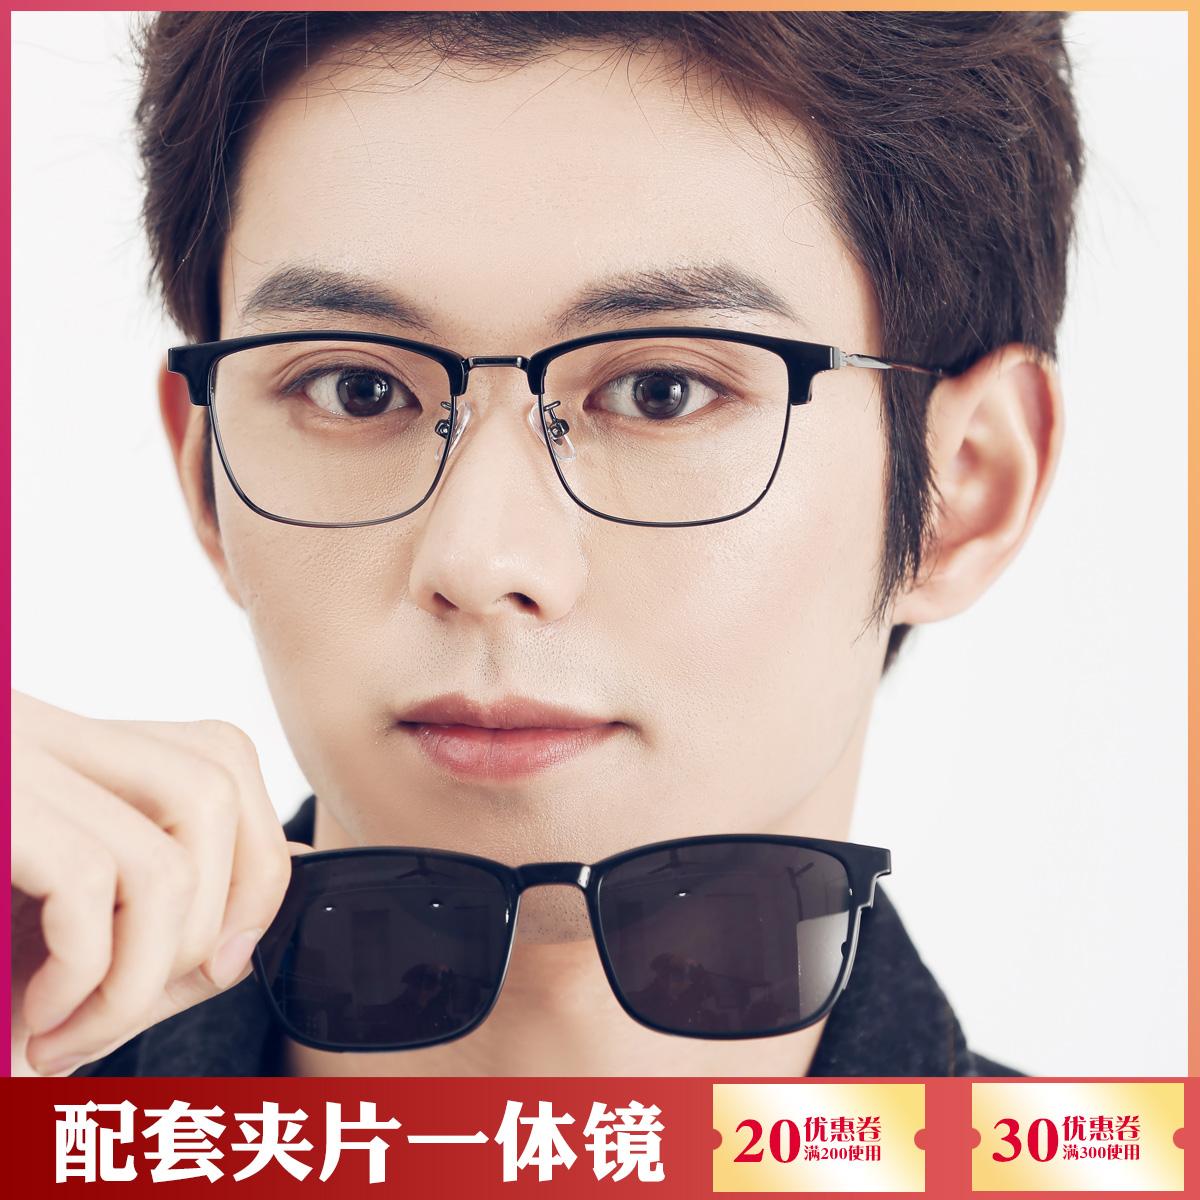 欣蕾HW954防蓝光眼镜